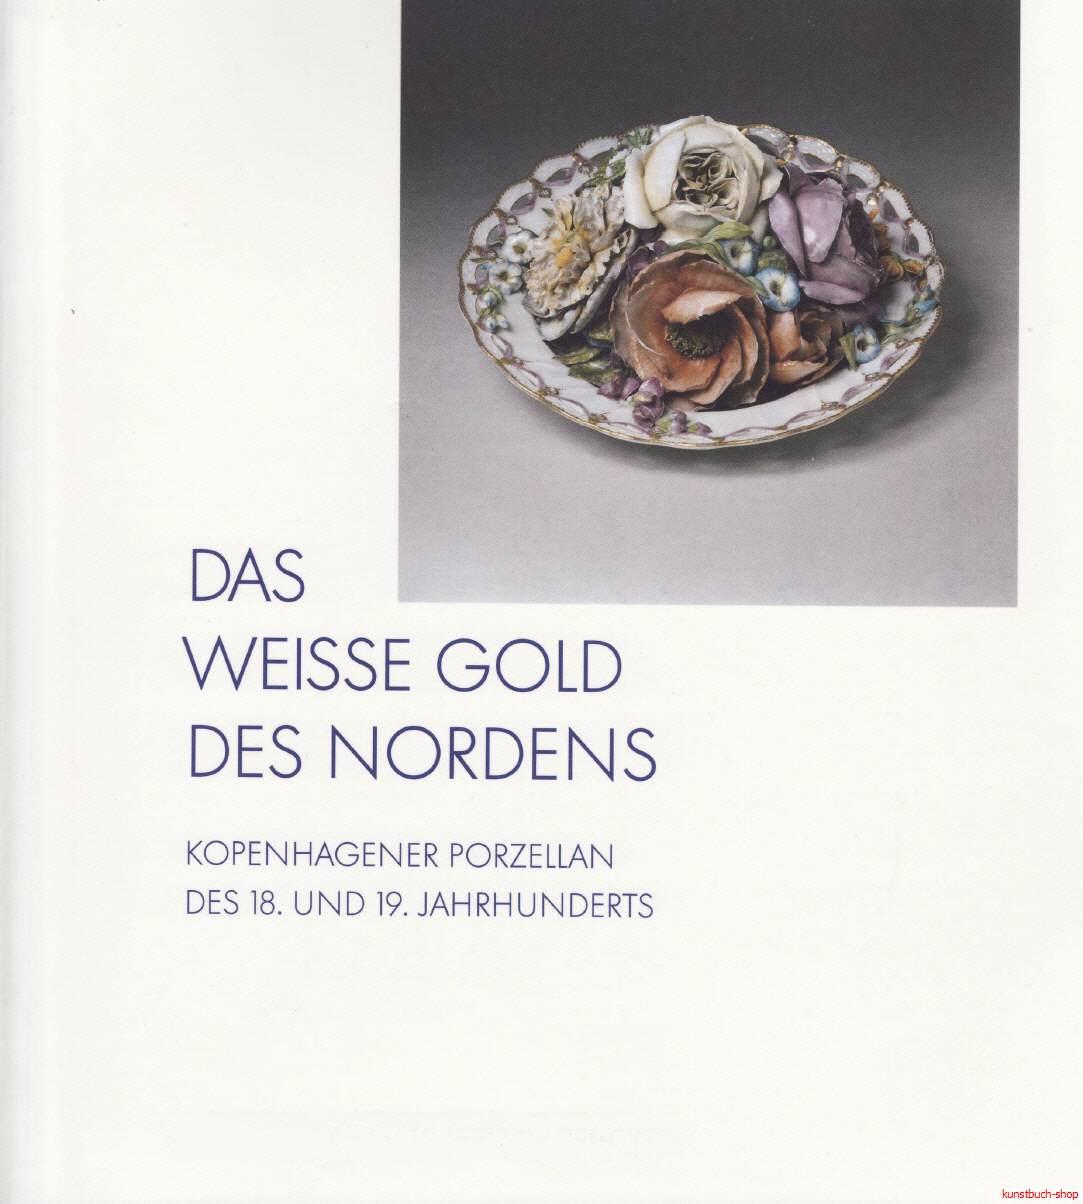 Das weiße Gold des Nordens | Kopenhagener Porzellan des 18. und 19. Jahrhunderts